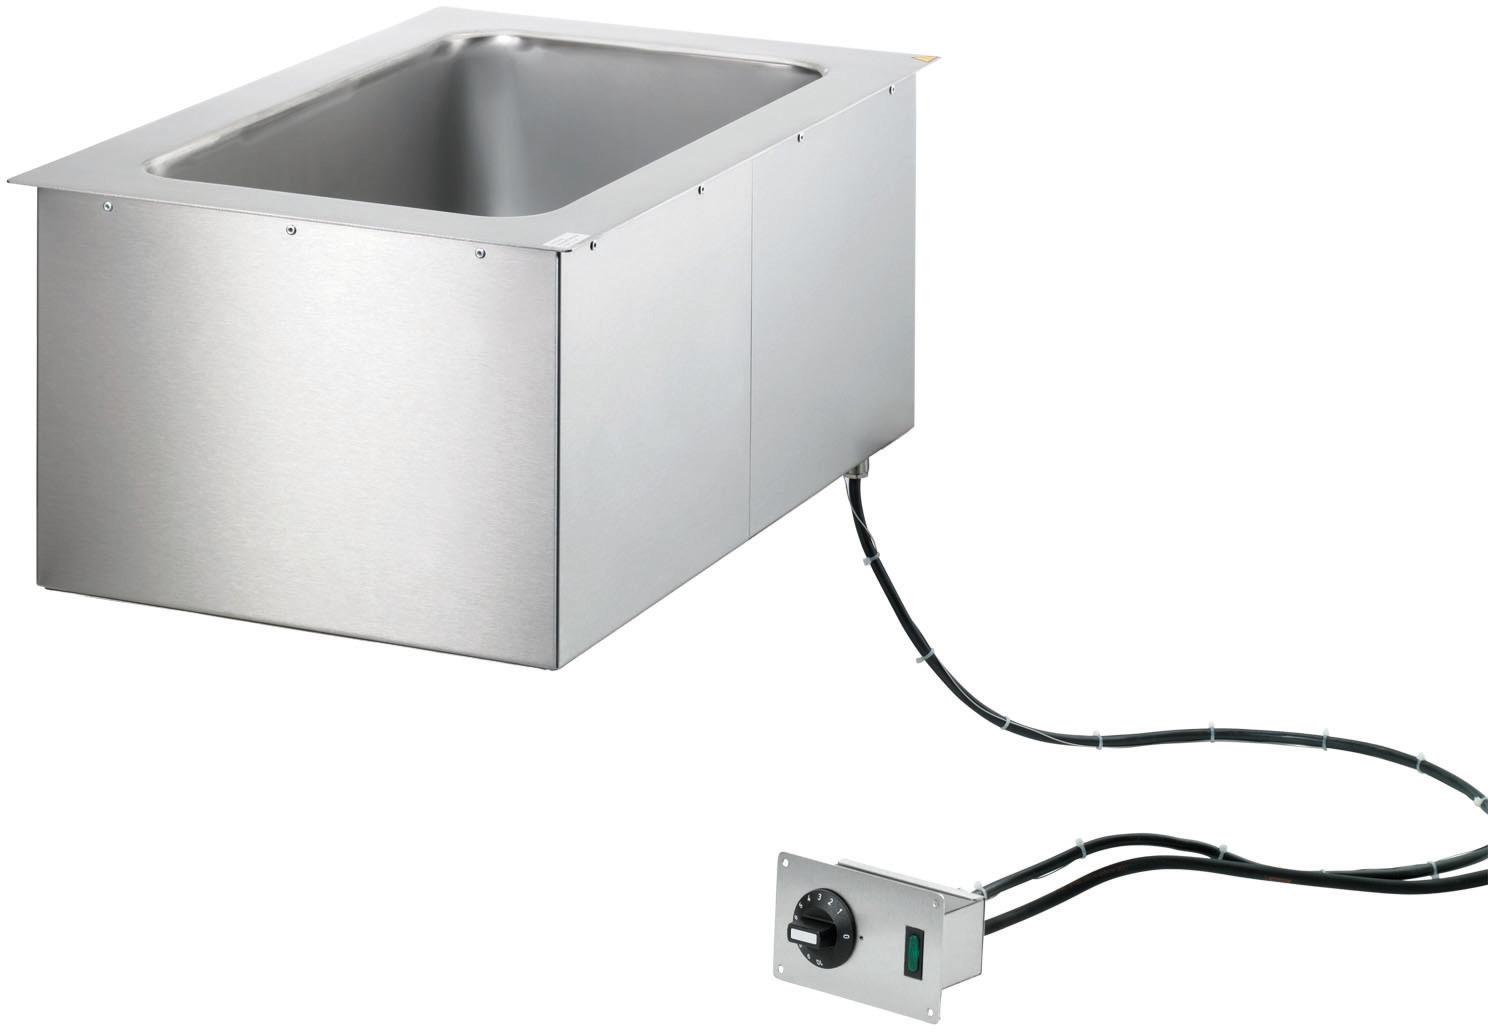 Elektro-Bain Marie Einbaugerät 2 x GN  1/1 - 200 mm tief / manuelle Befüllung